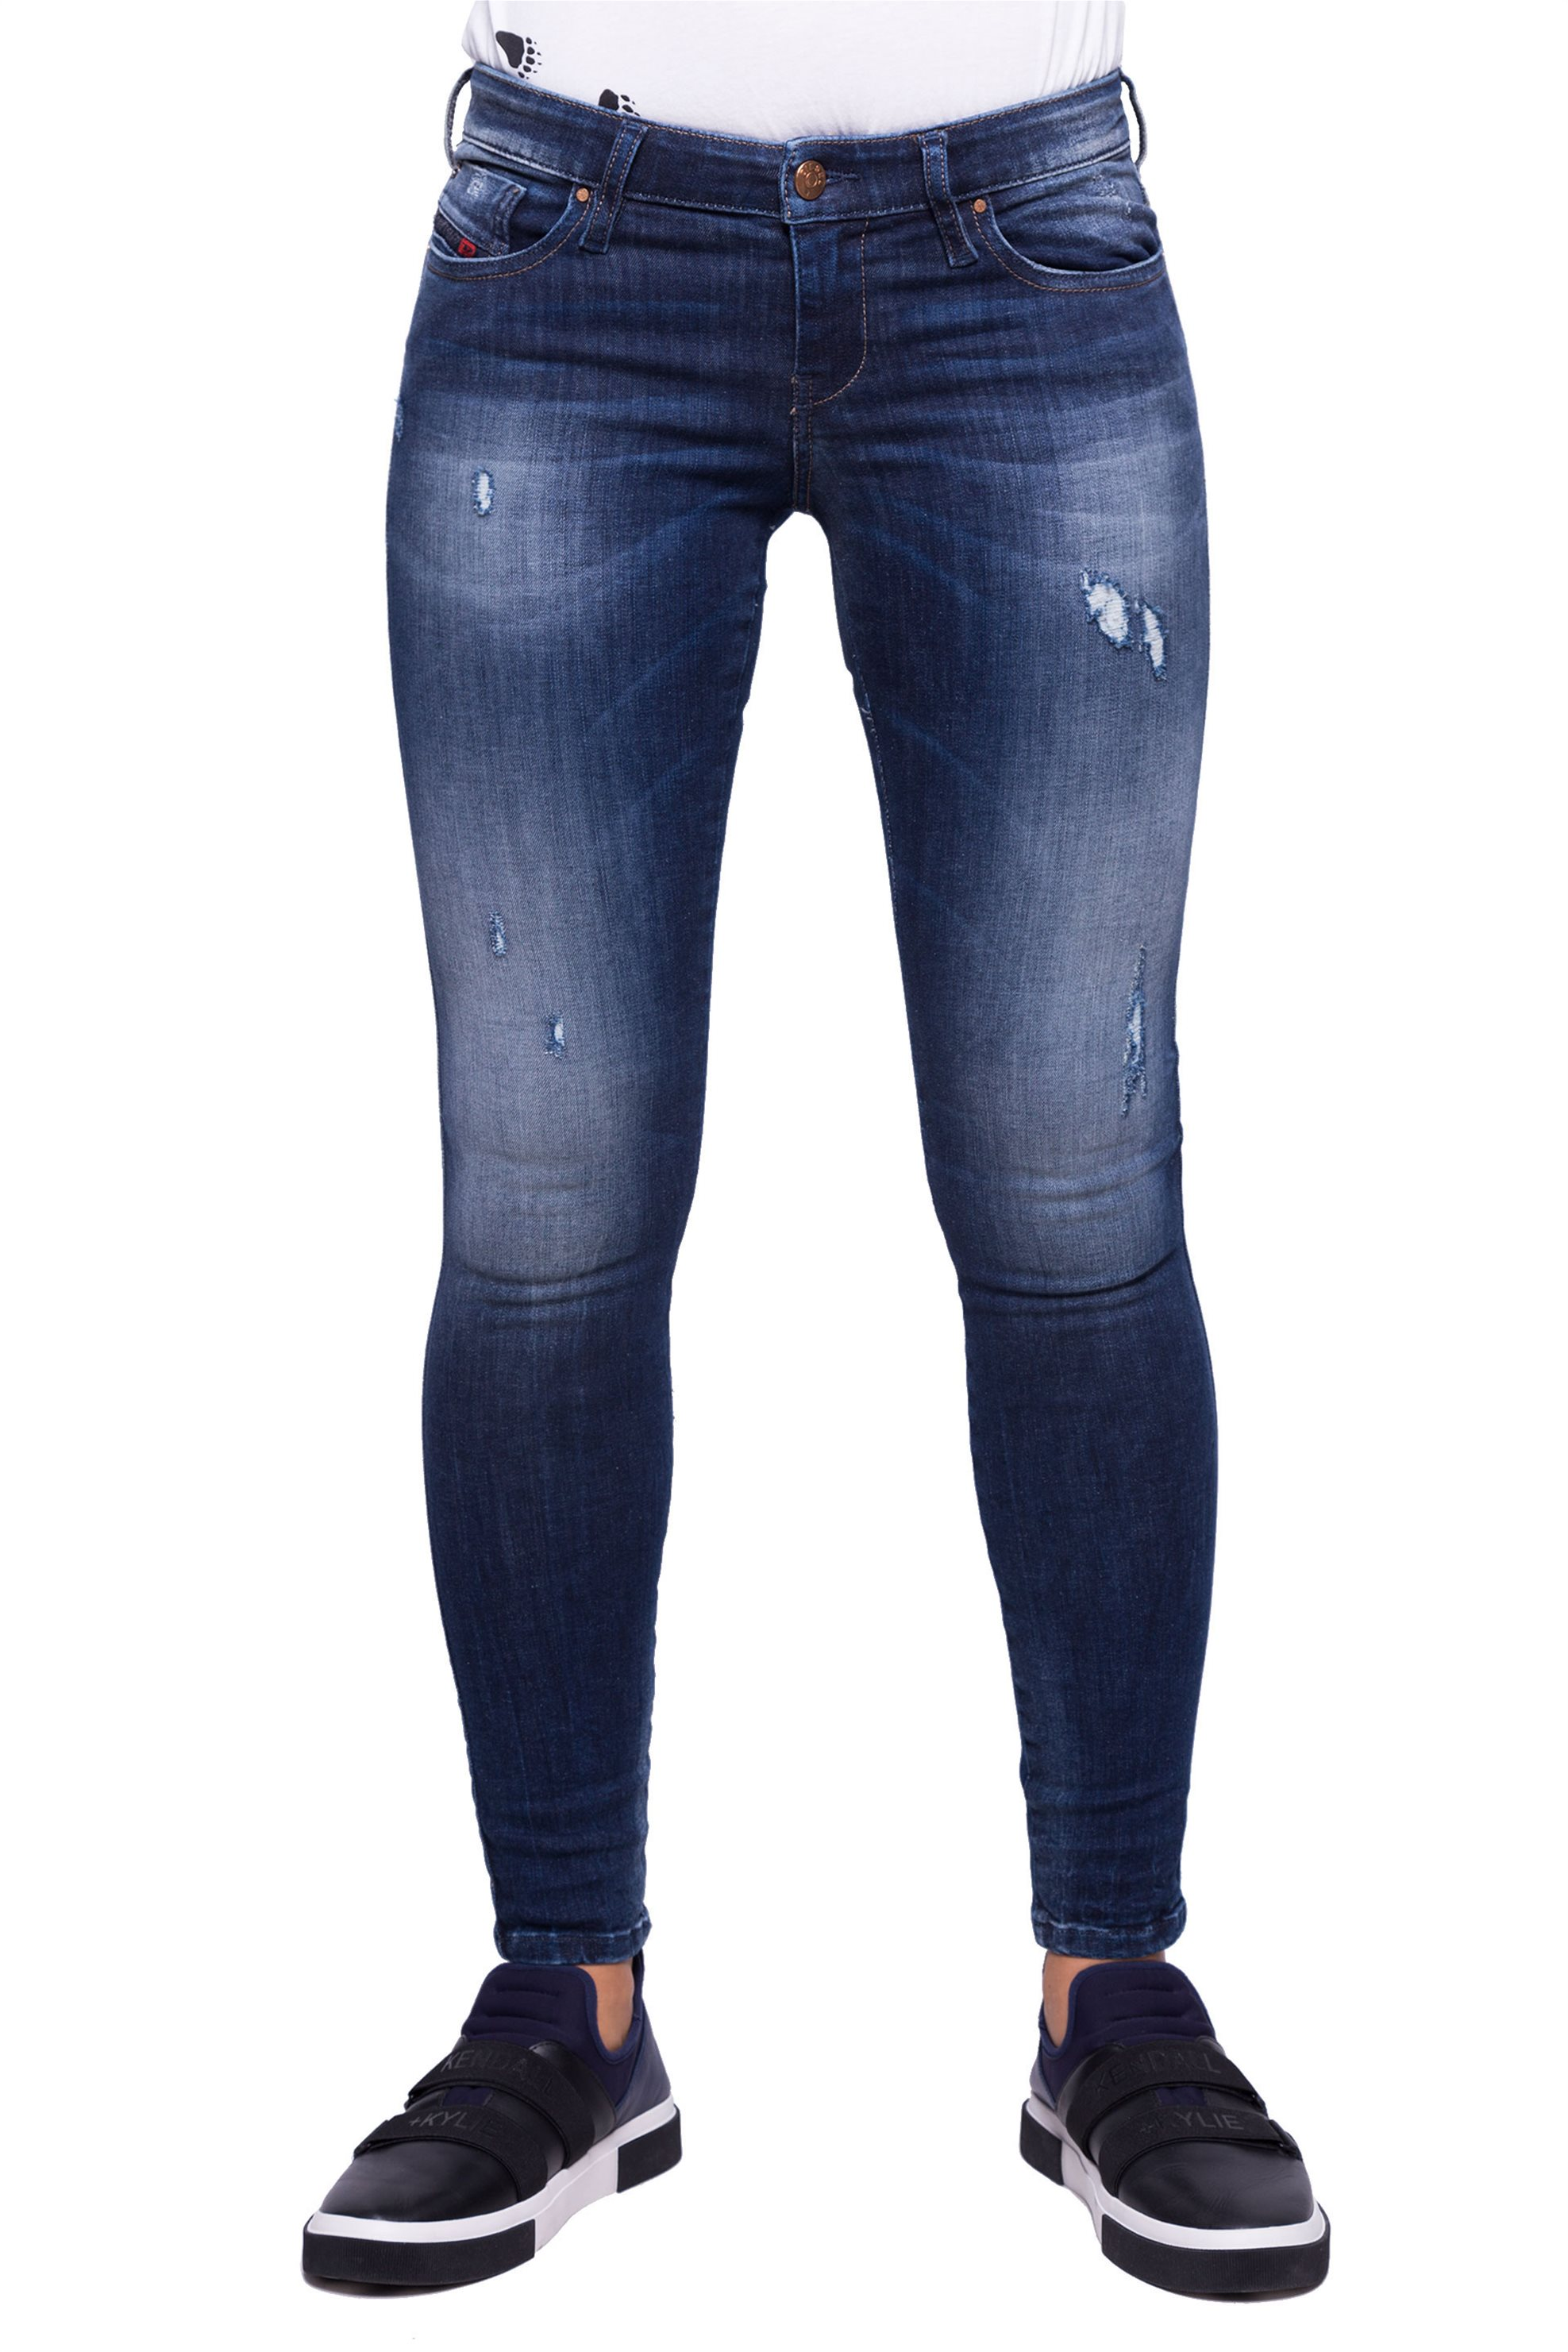 bba556a2728 παντελόνι | Γυναικεία Παντελόνια (Ταξινόμηση: Ακριβότερα) | Σελίδα 3 ...